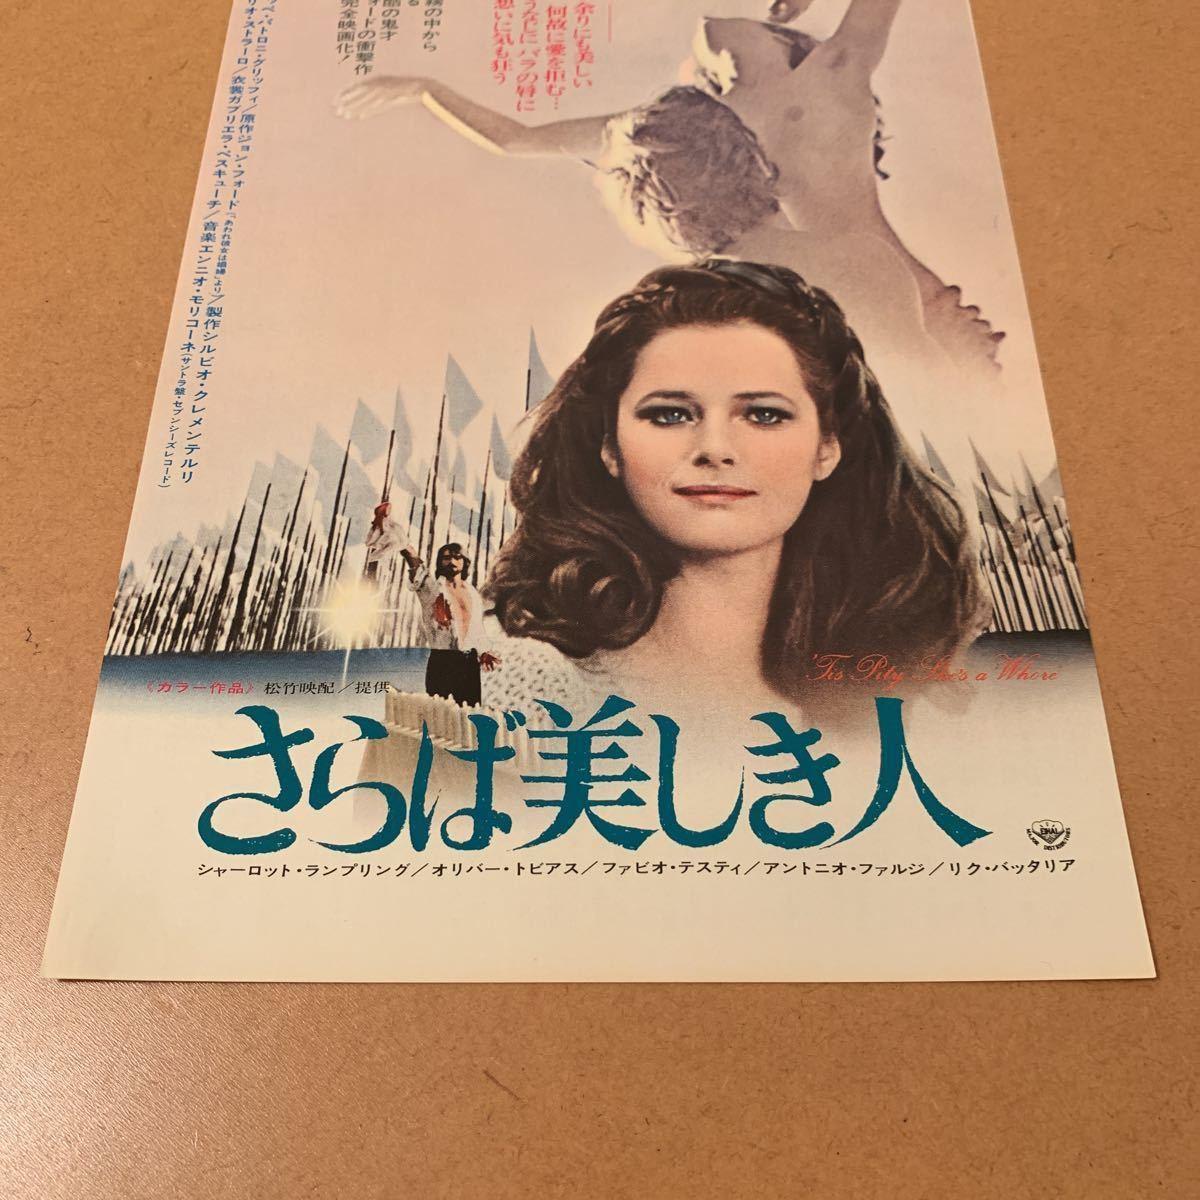 【映画チラシ】『さらば美しき人』1972年公開作品 主演:シャーロット・ランプリング_画像2